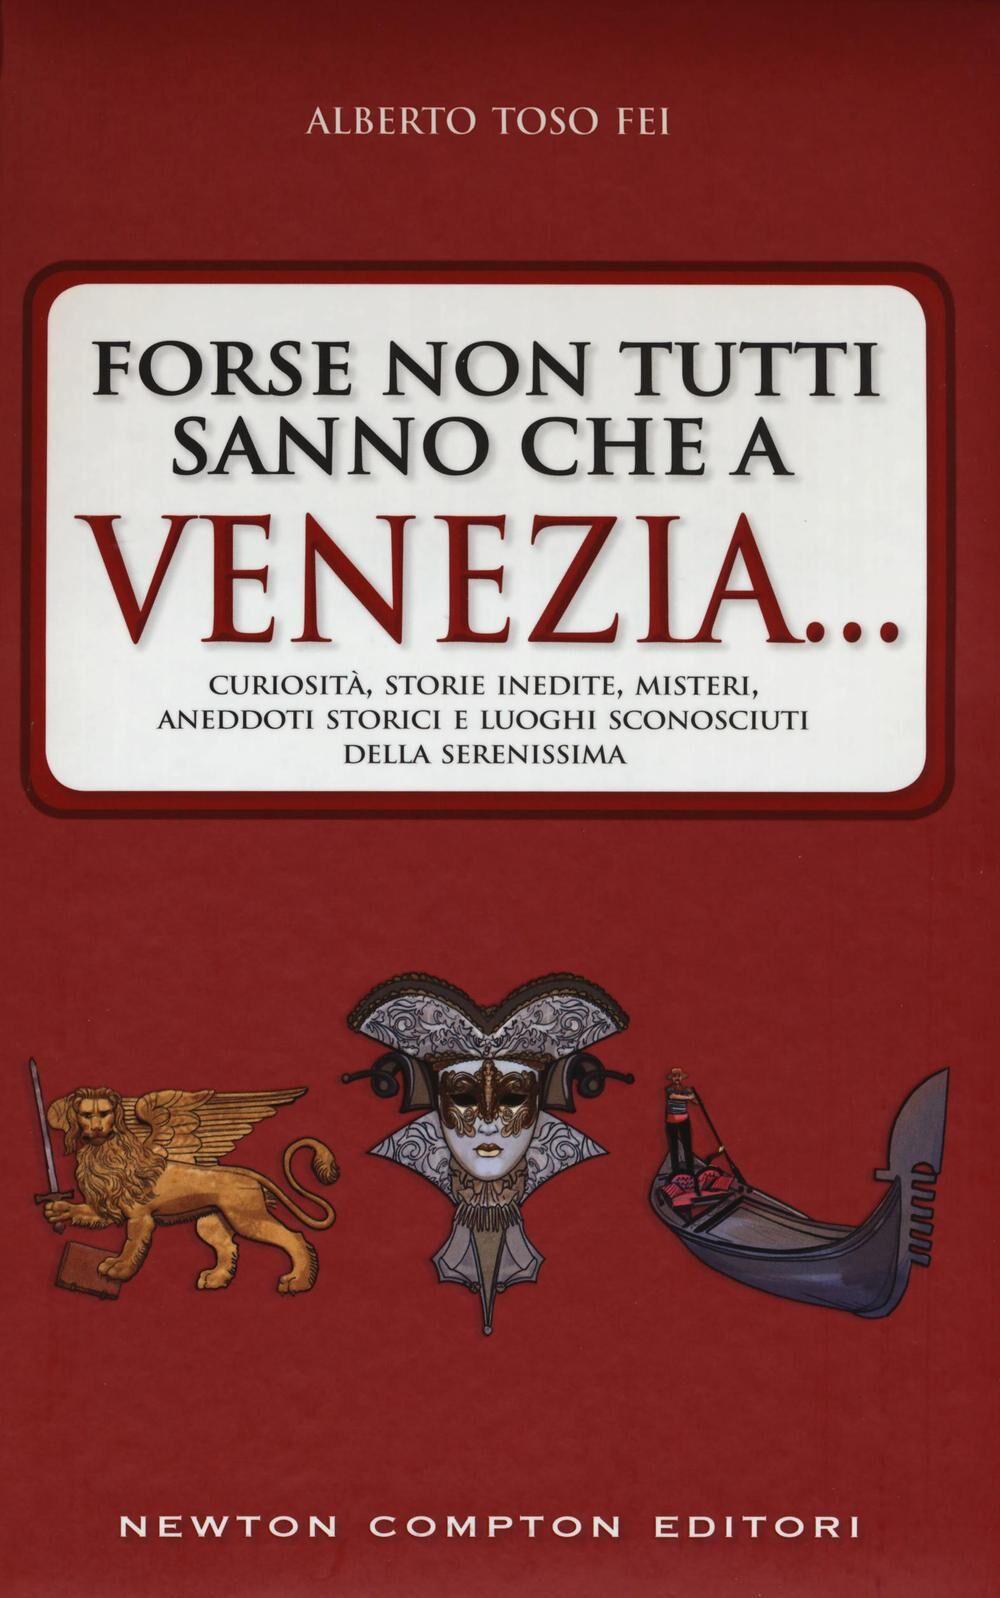 Forse non tutti sanno che a Venezia... curiosità, storie inedite, misteri, aneddoti storici e luoghi sconosciuti della città più famosa d'Italia